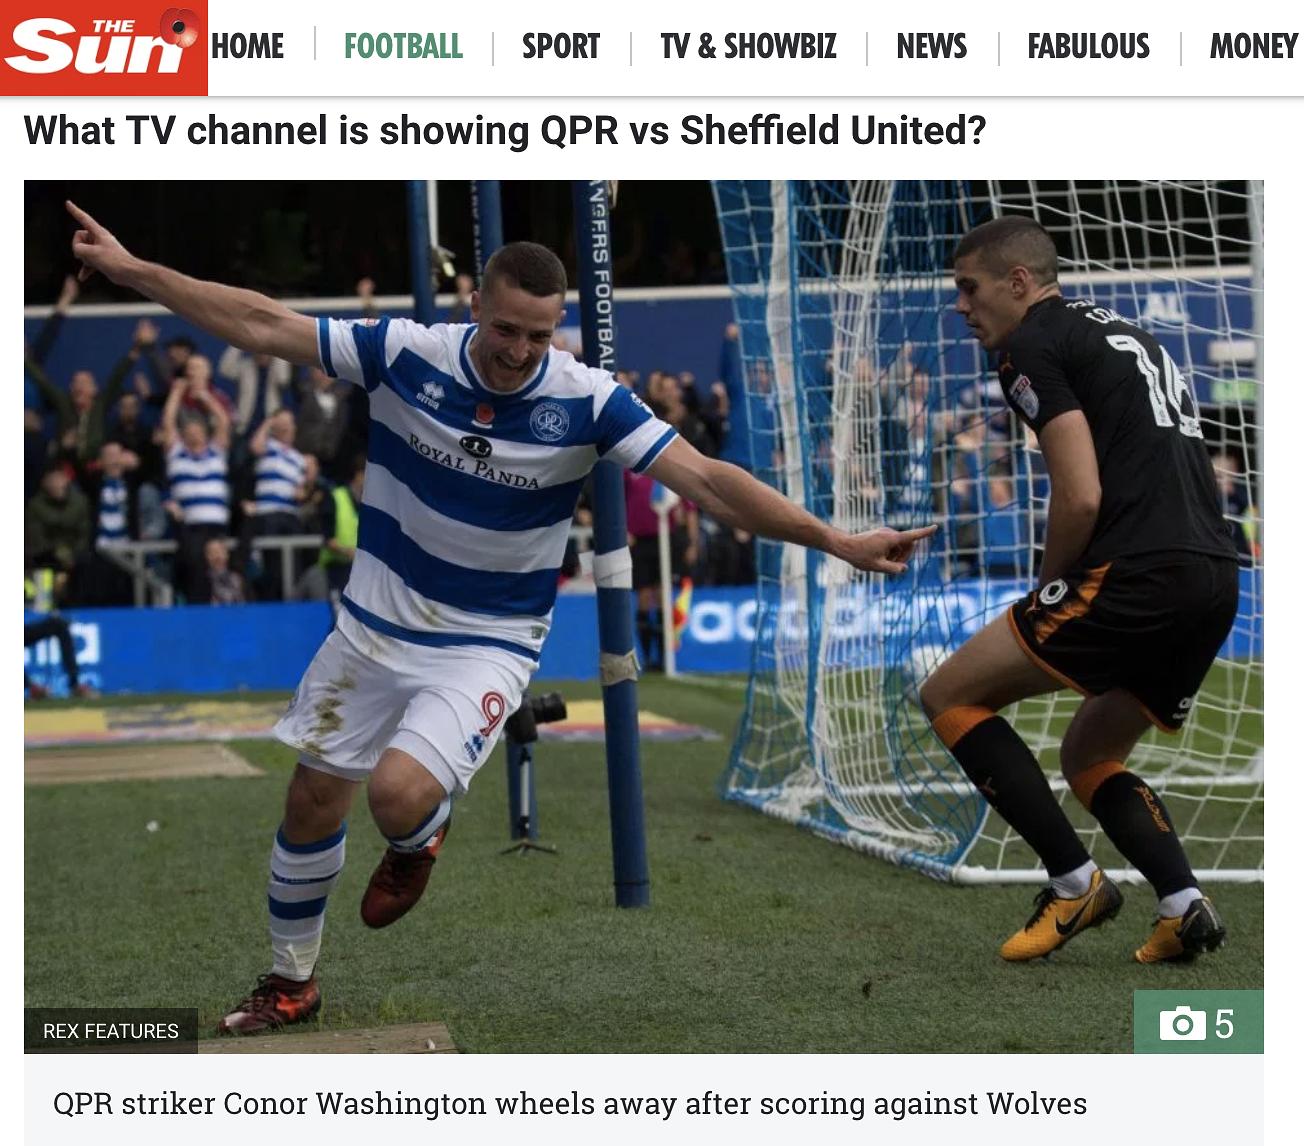 QPR Vs Wolverhampton Wanderers